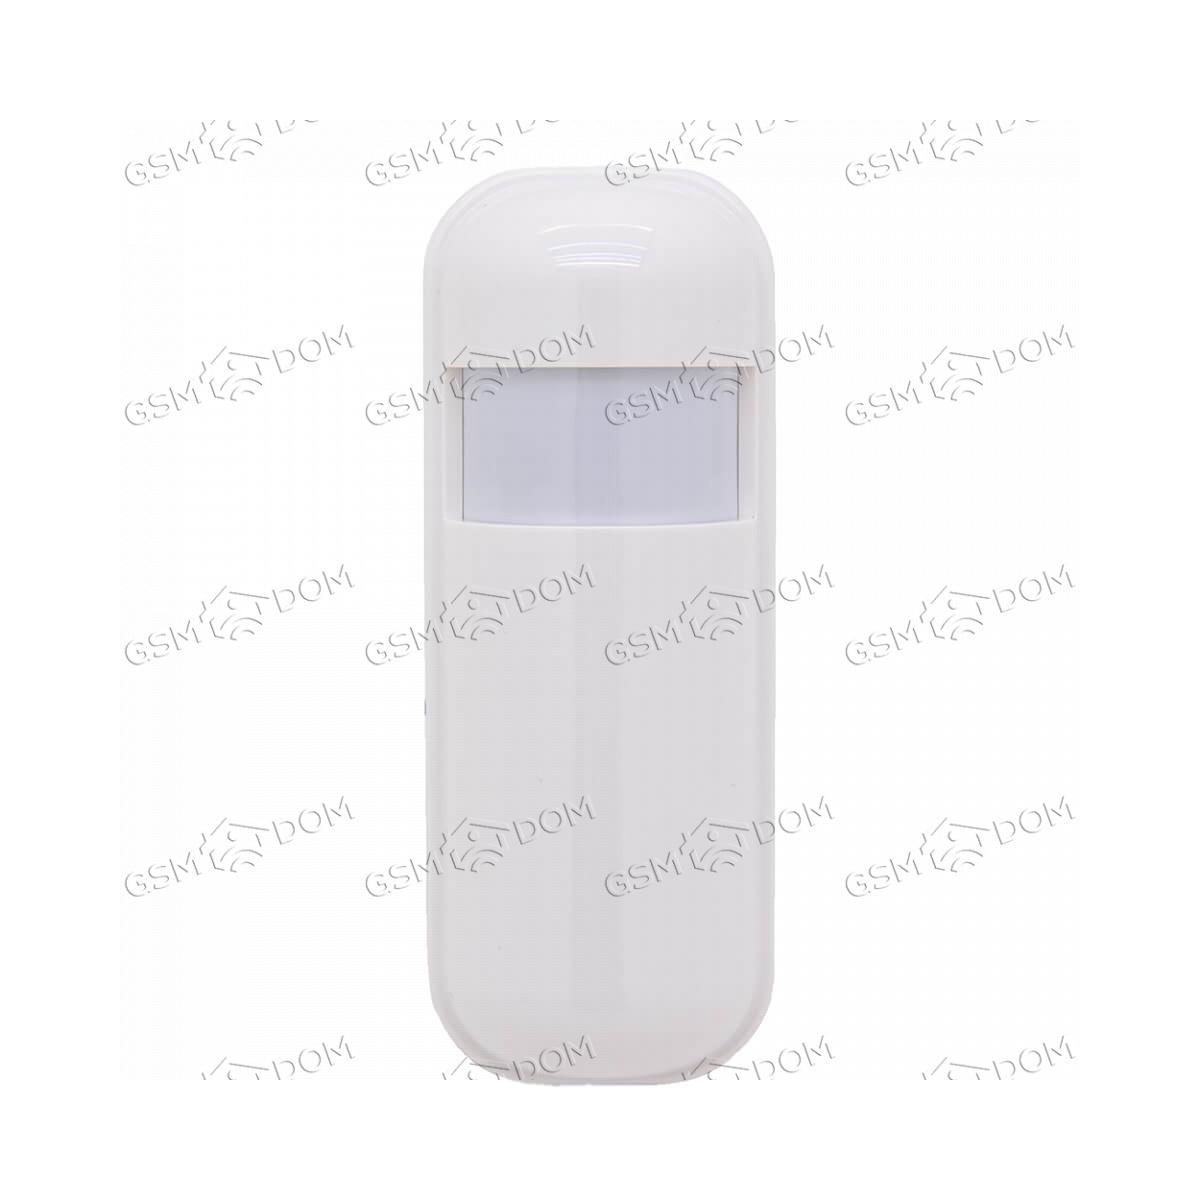 Беспроводная охранная (пожарная) WiFi GSM сигнализация Страж Про 4 - 3